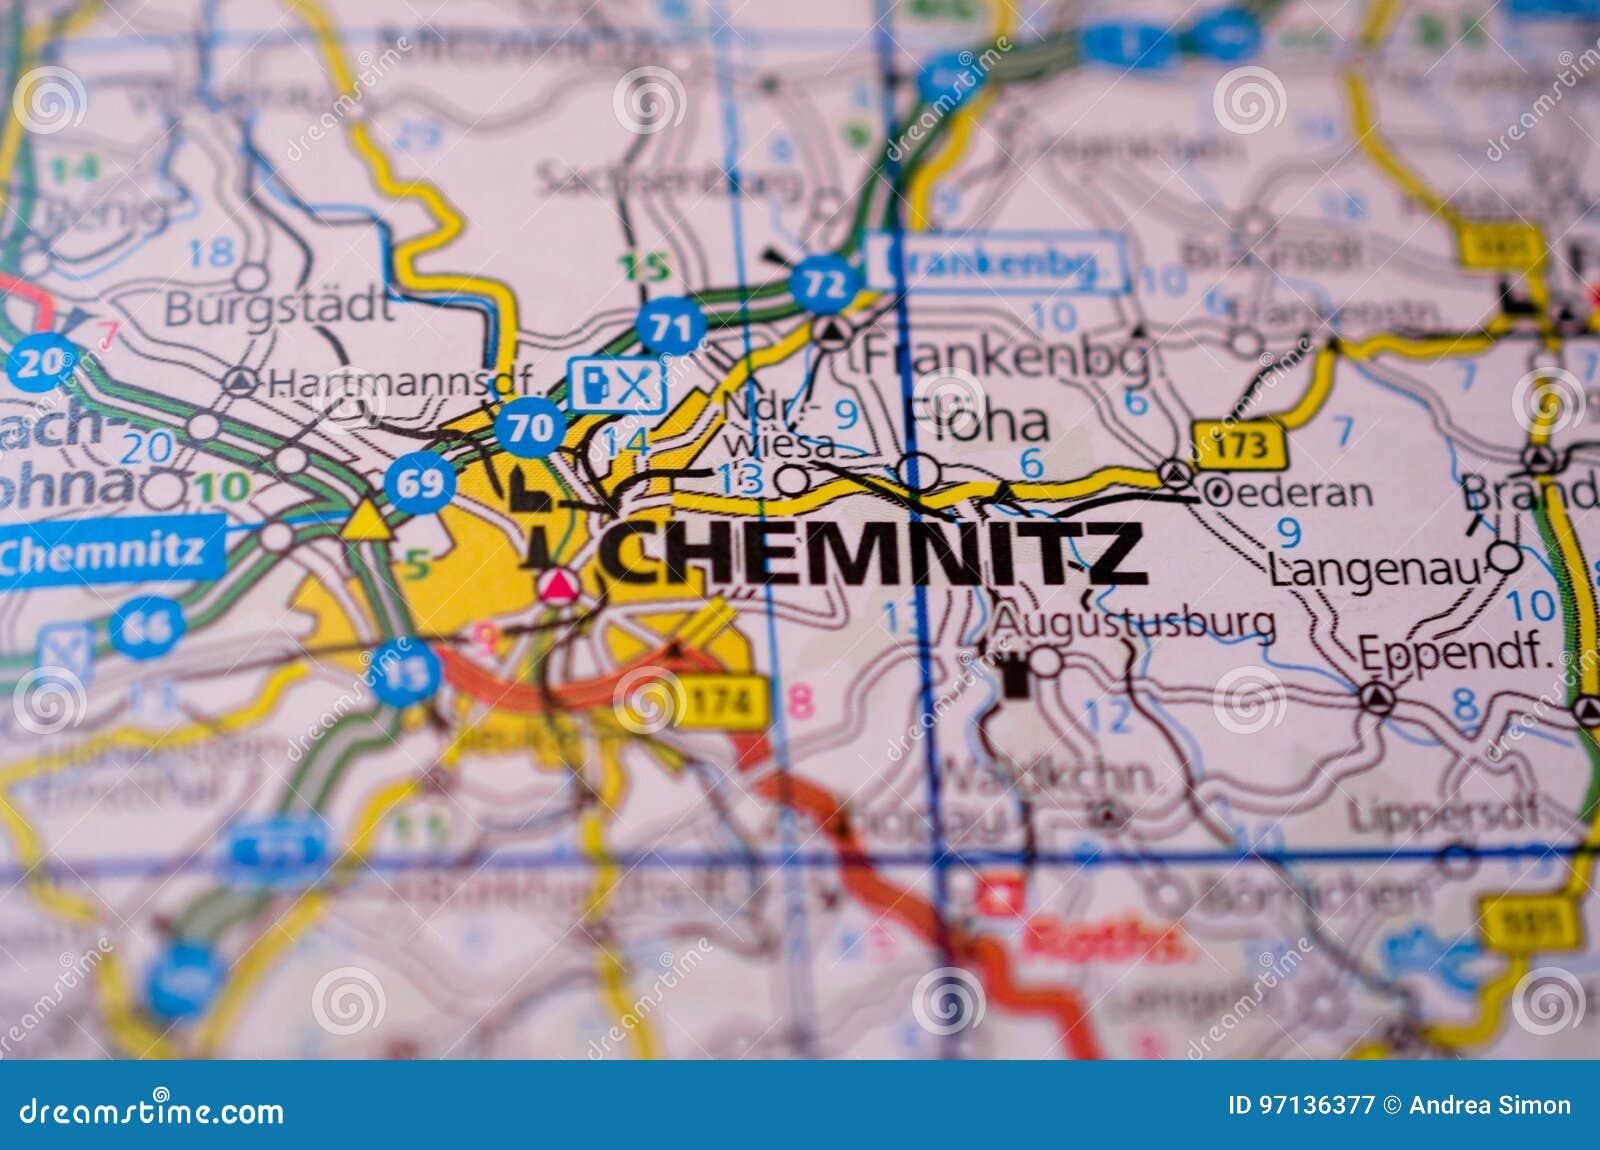 Chemnitz Karte.Chemnitz Auf Karte Stockbild Bild Von Planer Satellit